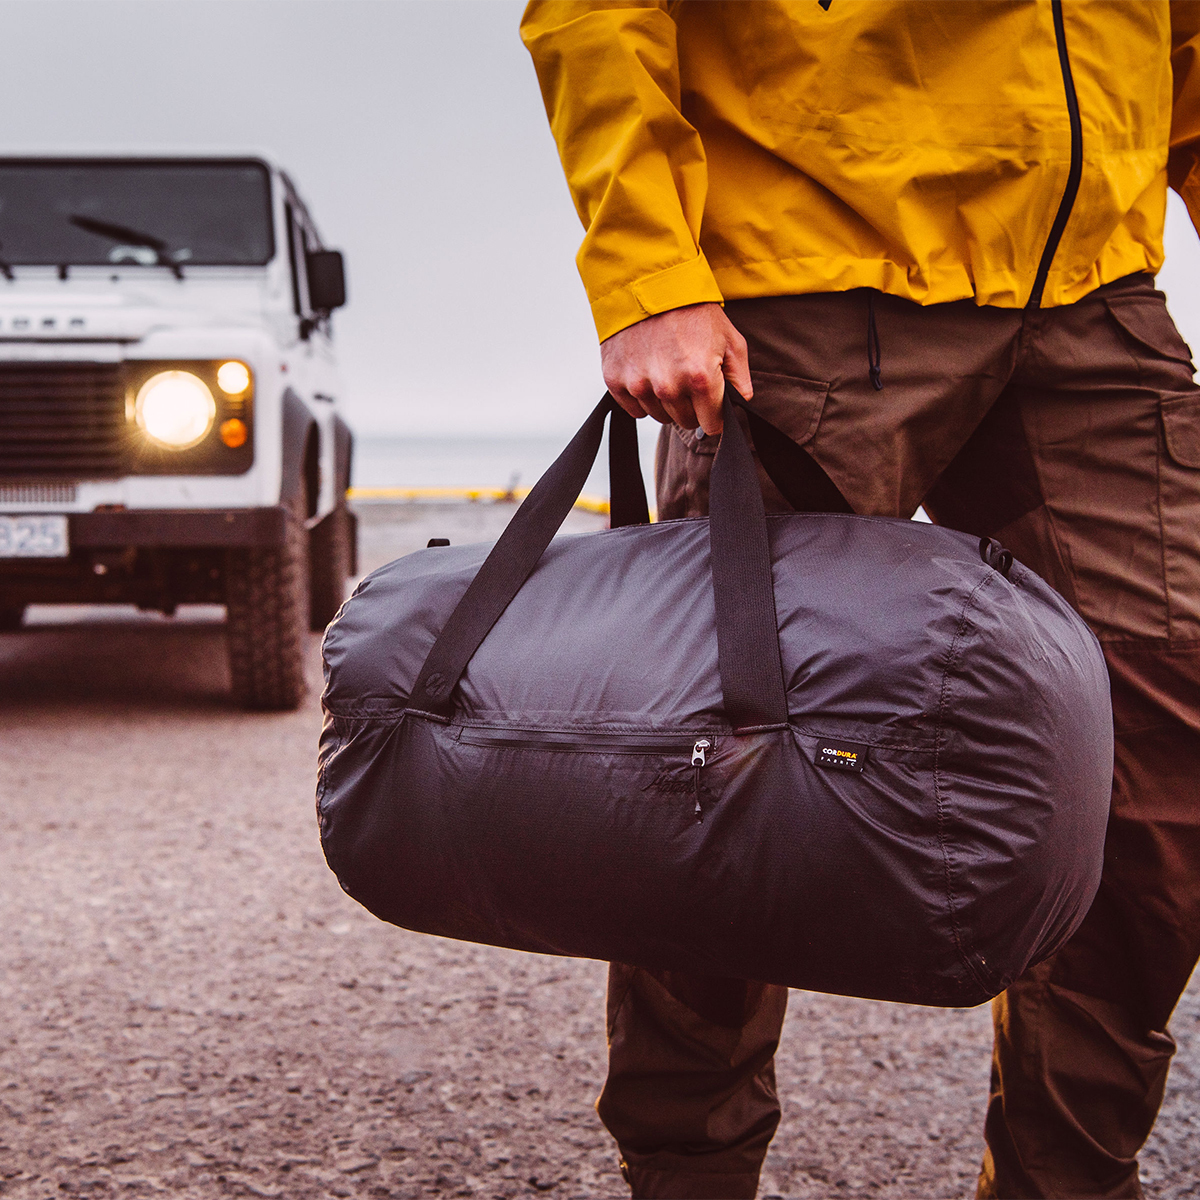 手のひらサイズになる大容量バッグ|軽量・防水仕様で、日常生活や旅行で大活躍